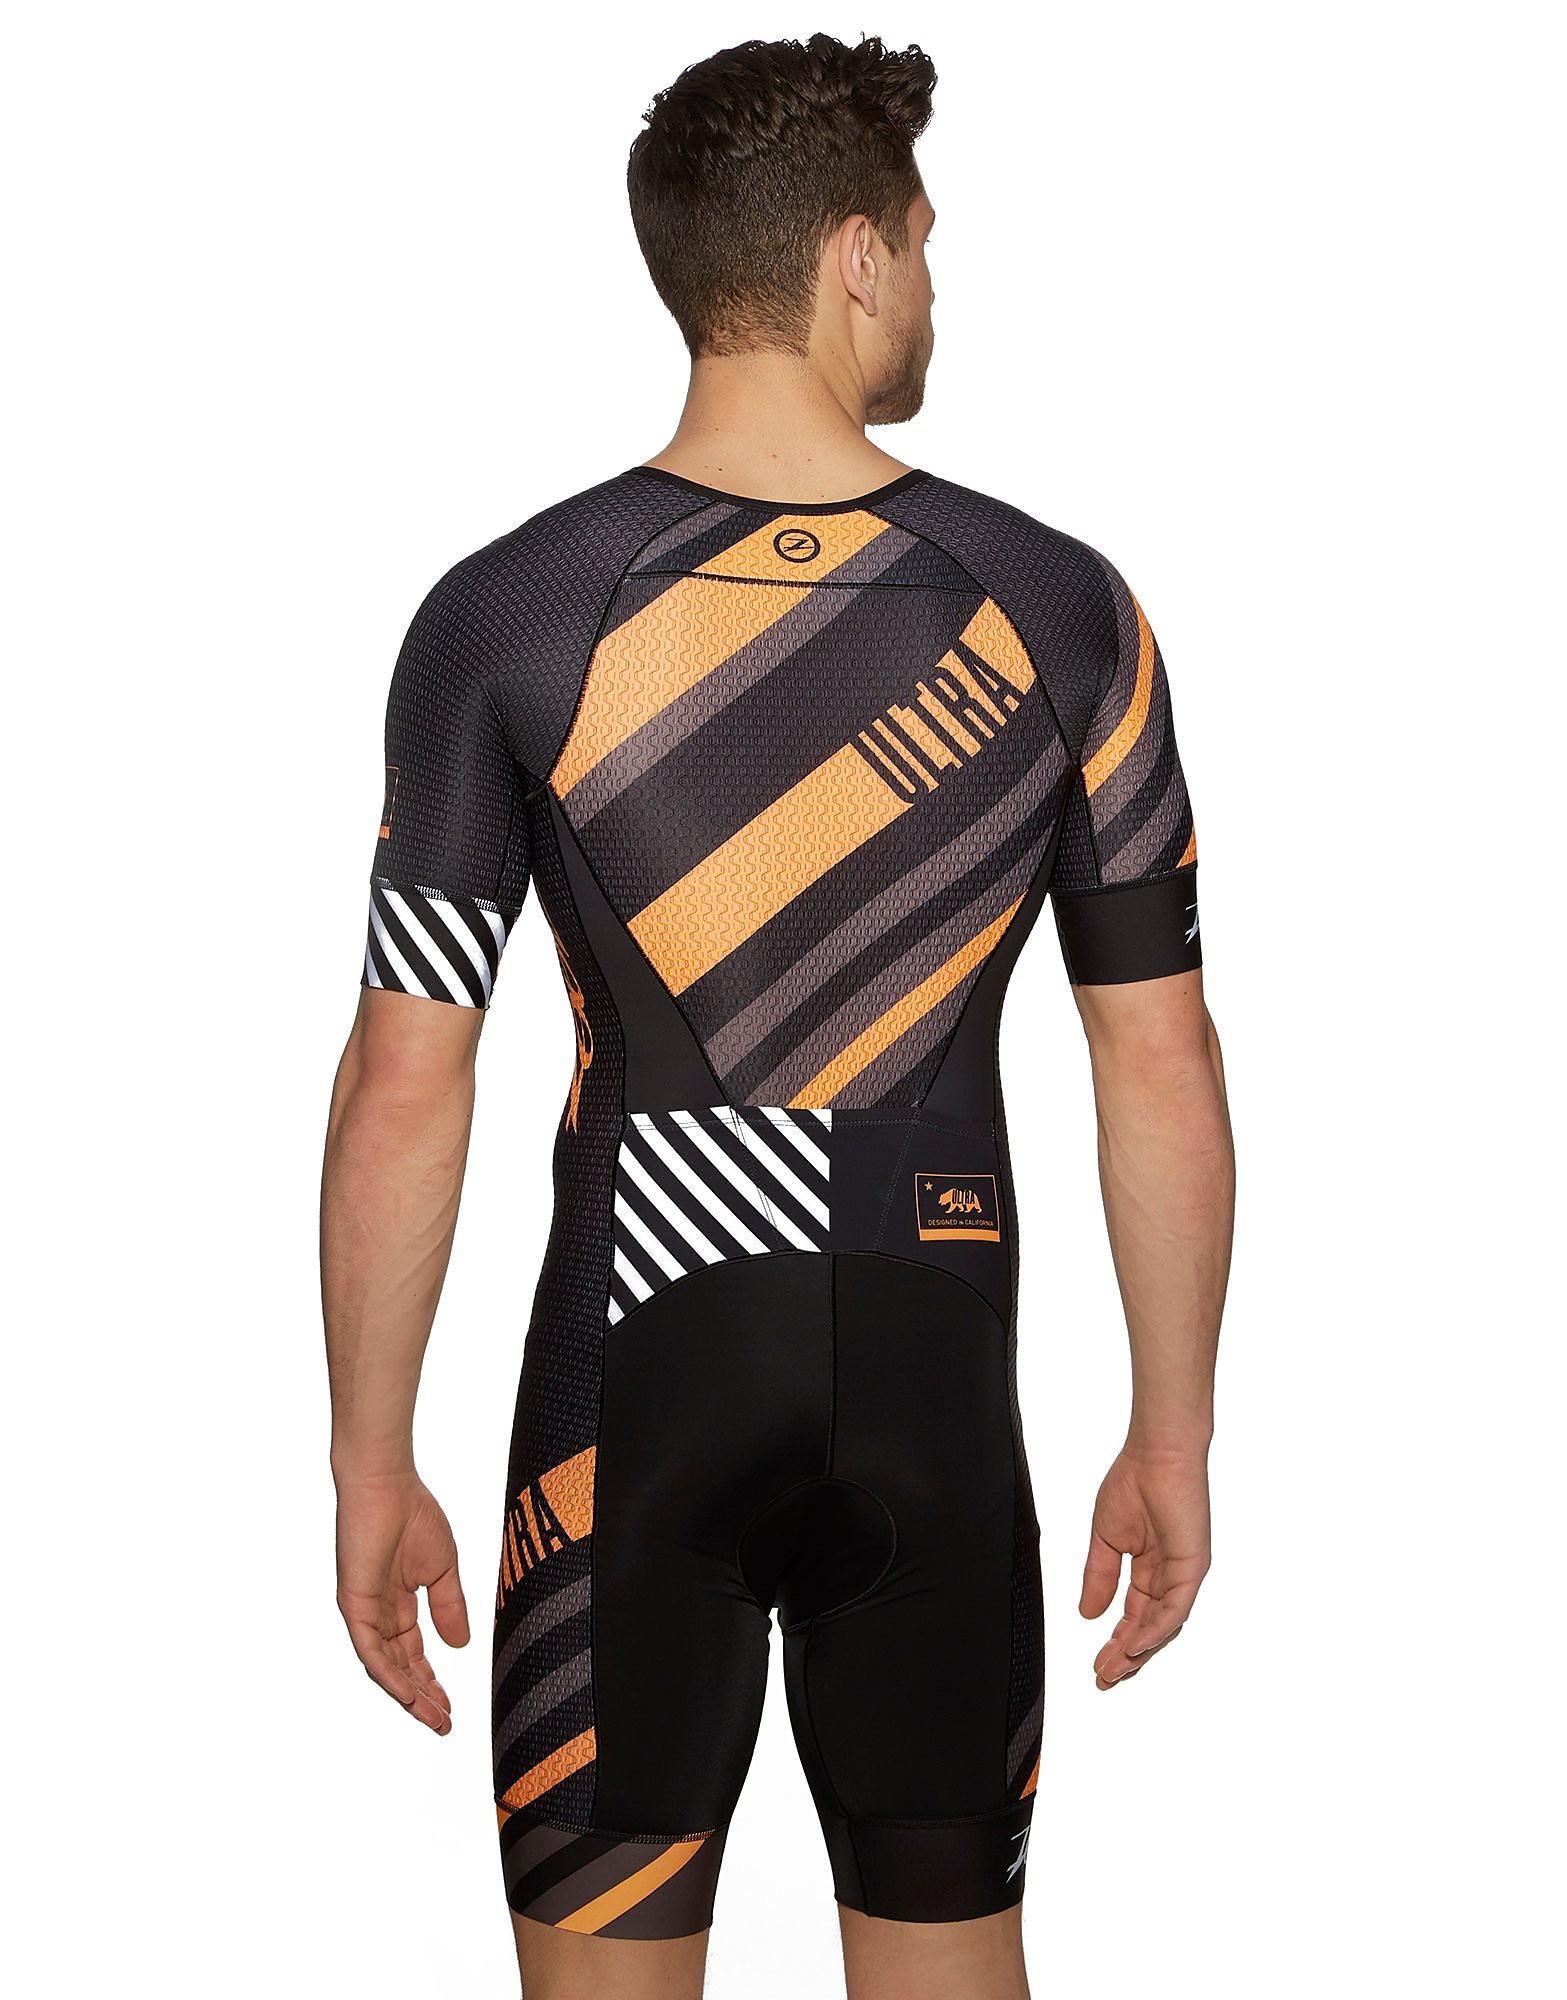 Zoot Ultra Tri Aero Men's Triathlon Skinsuit